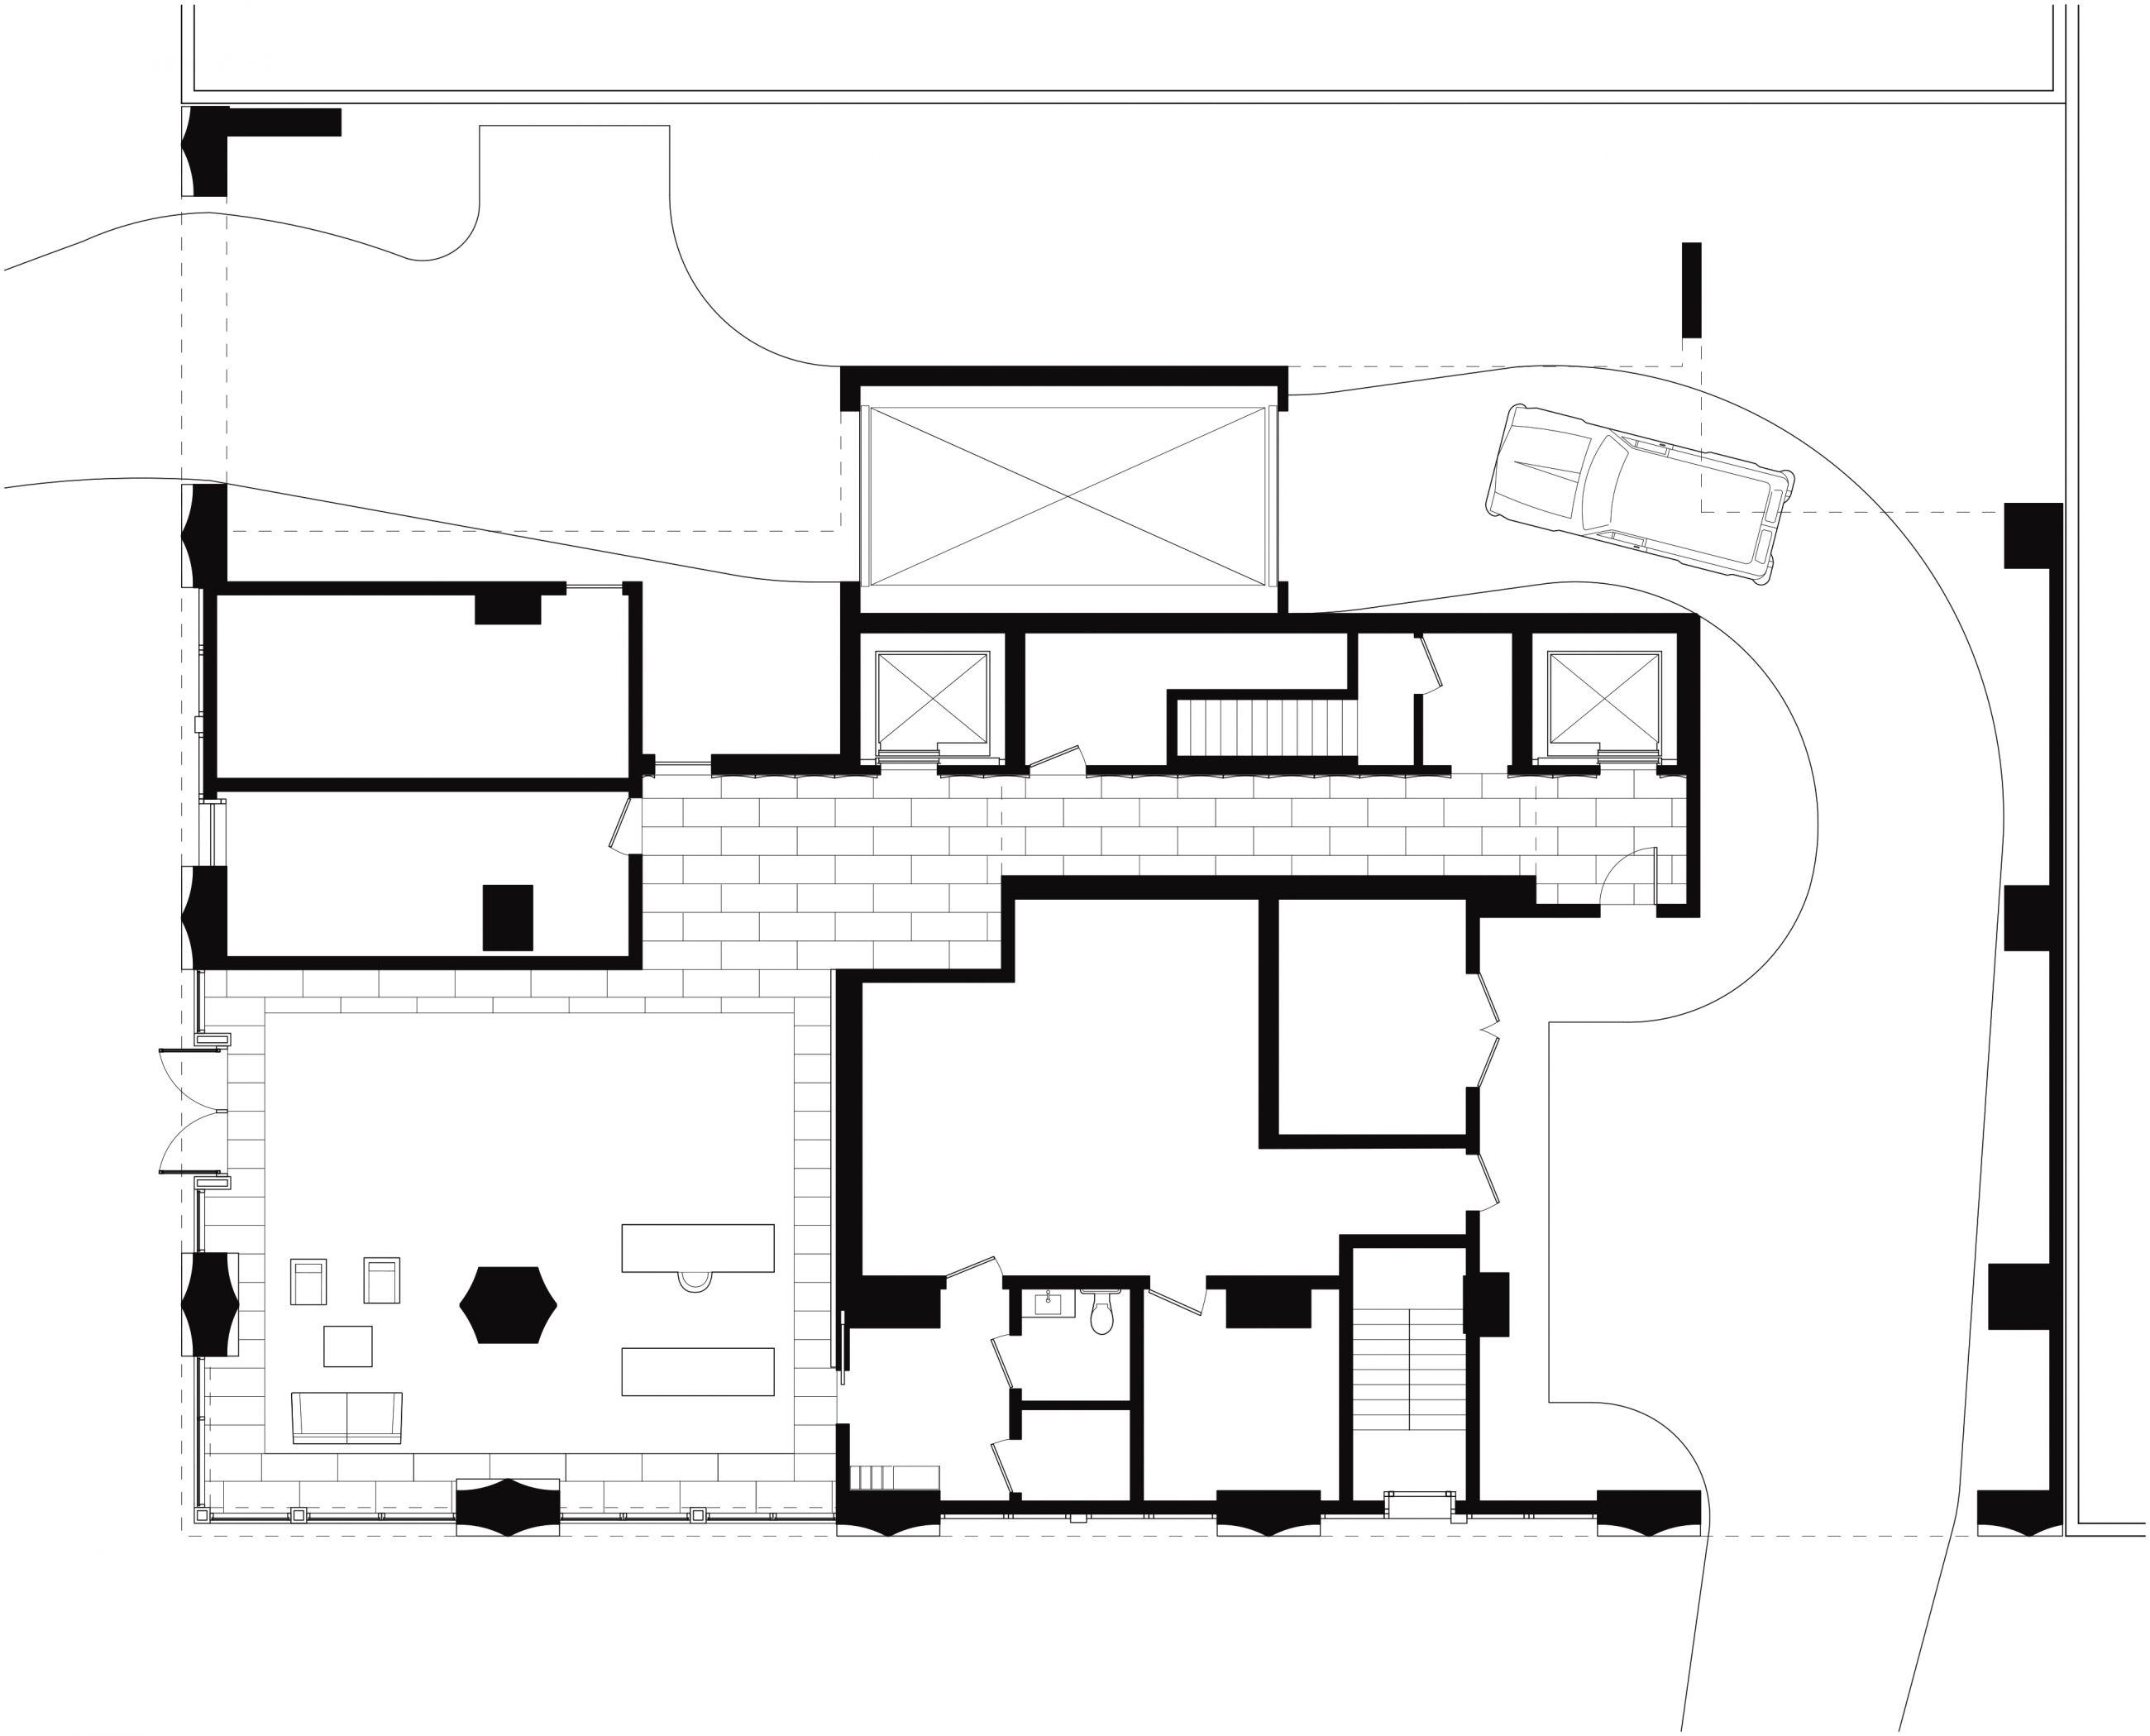 200 Eleventh Avenue Ground Floor Plan